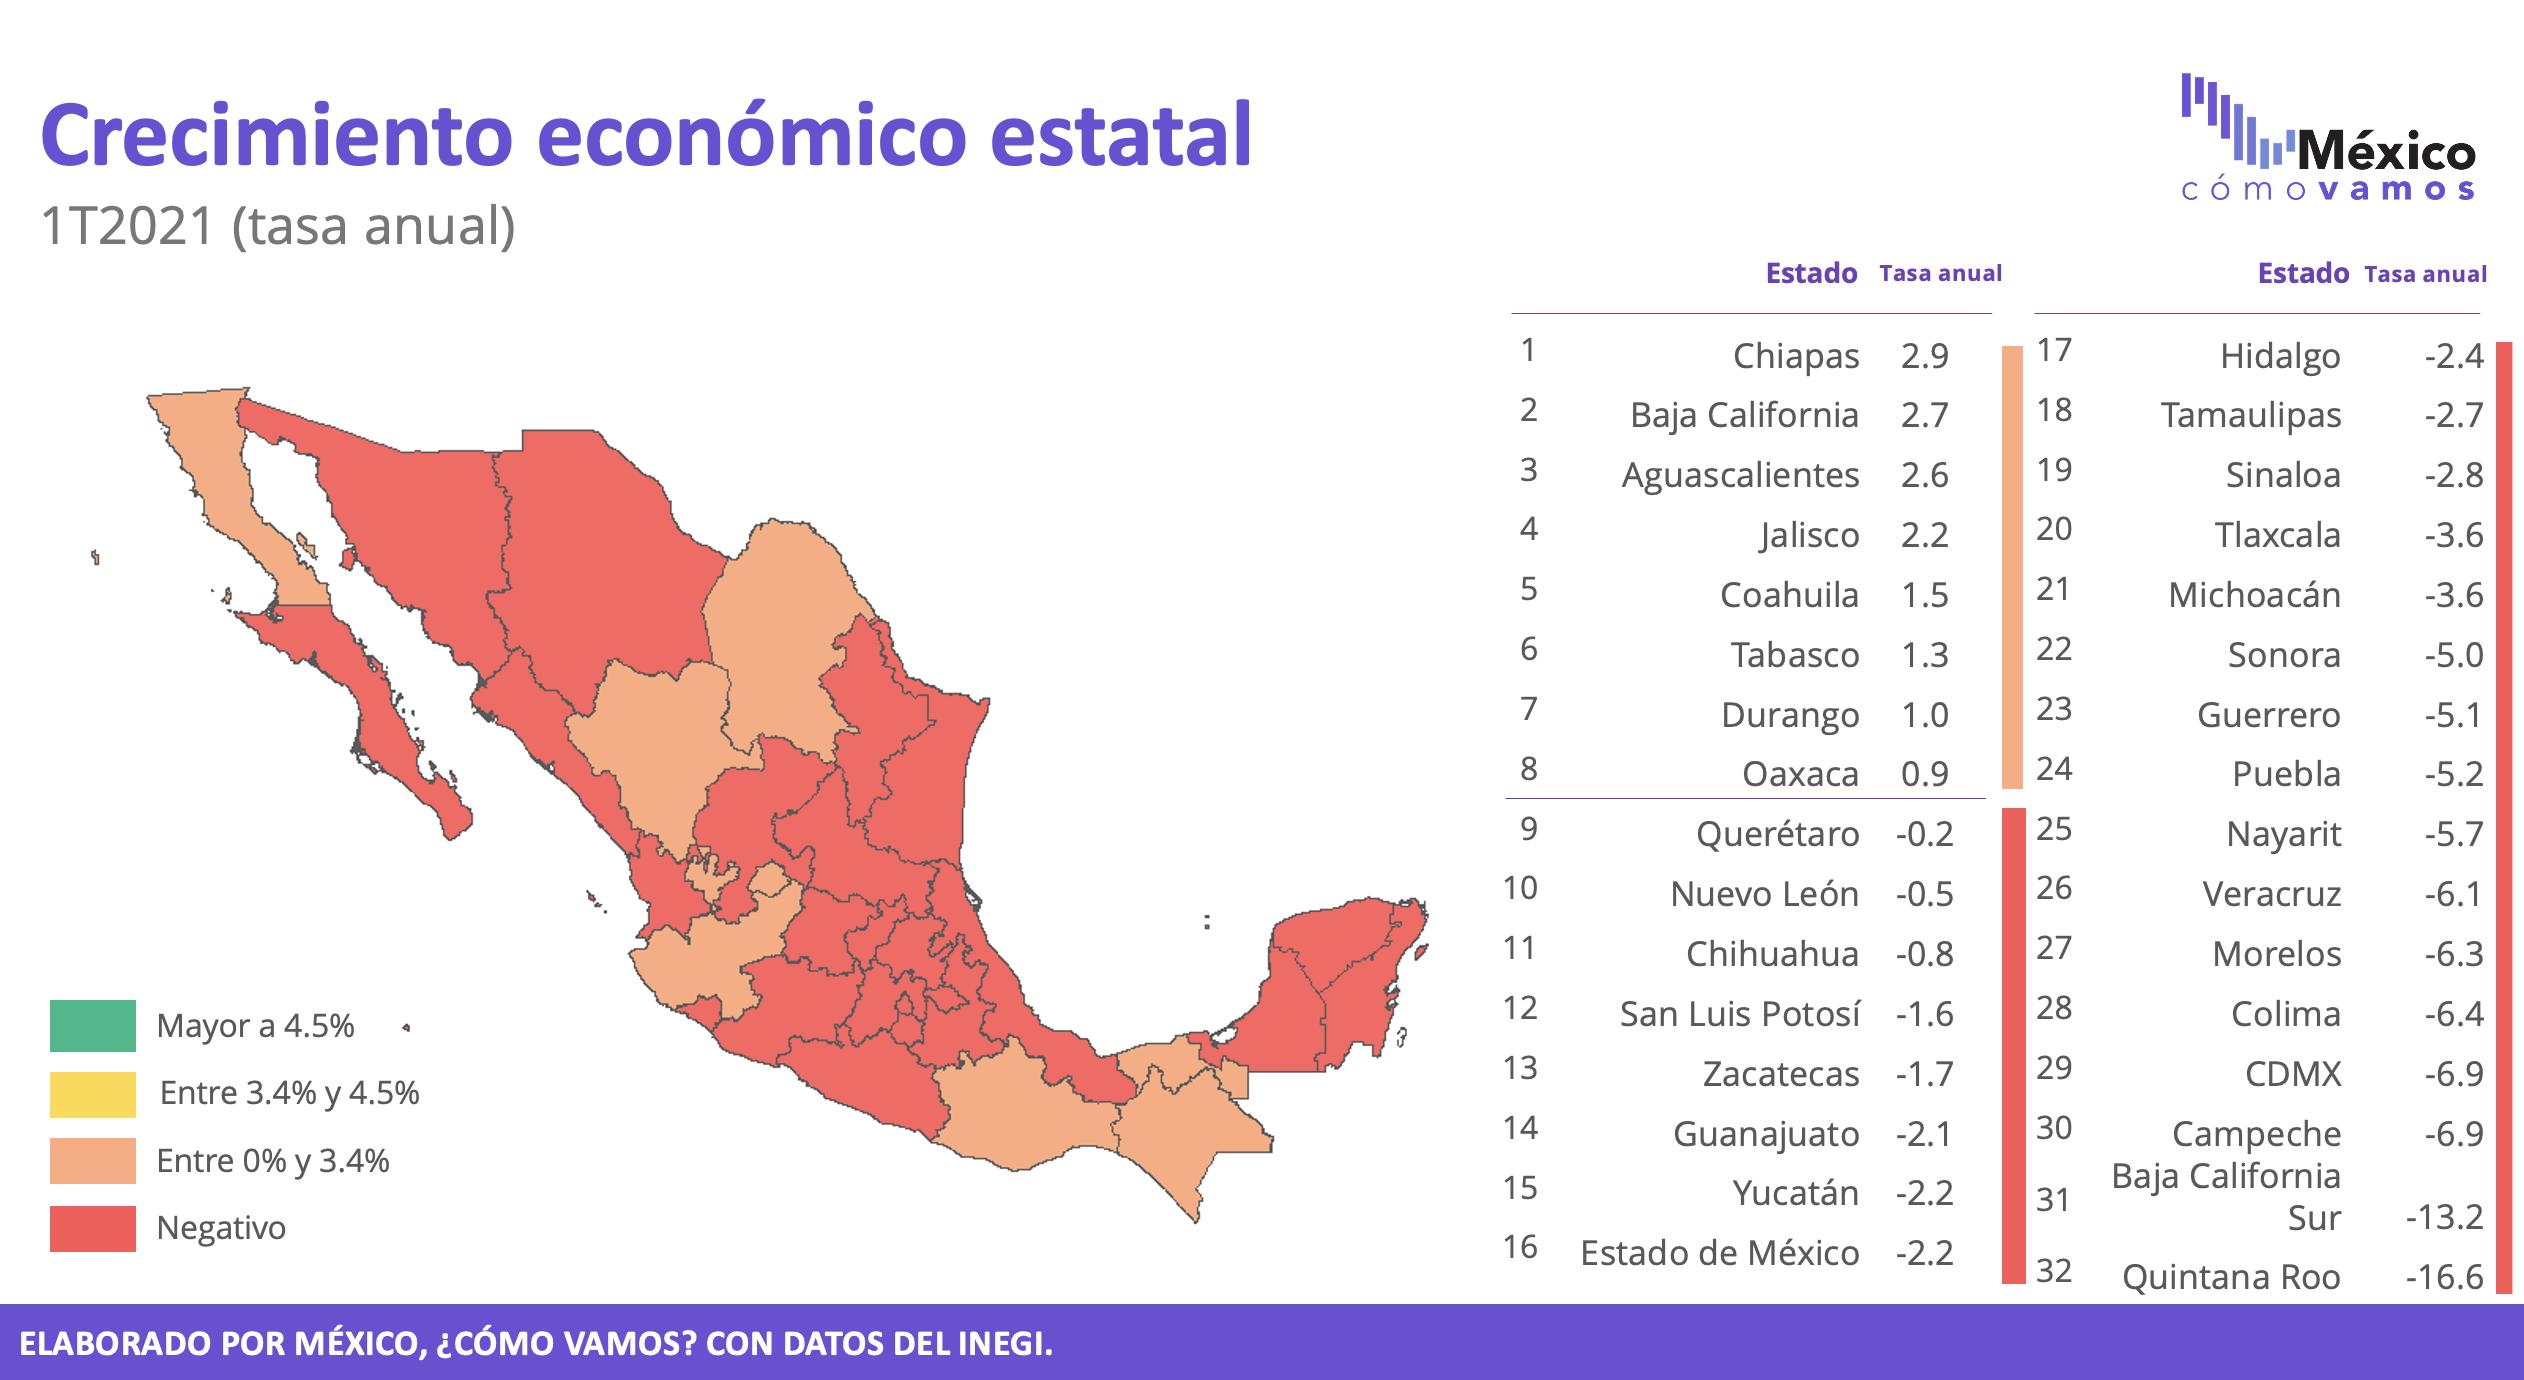 Crecimiento económico estatal 1T2021